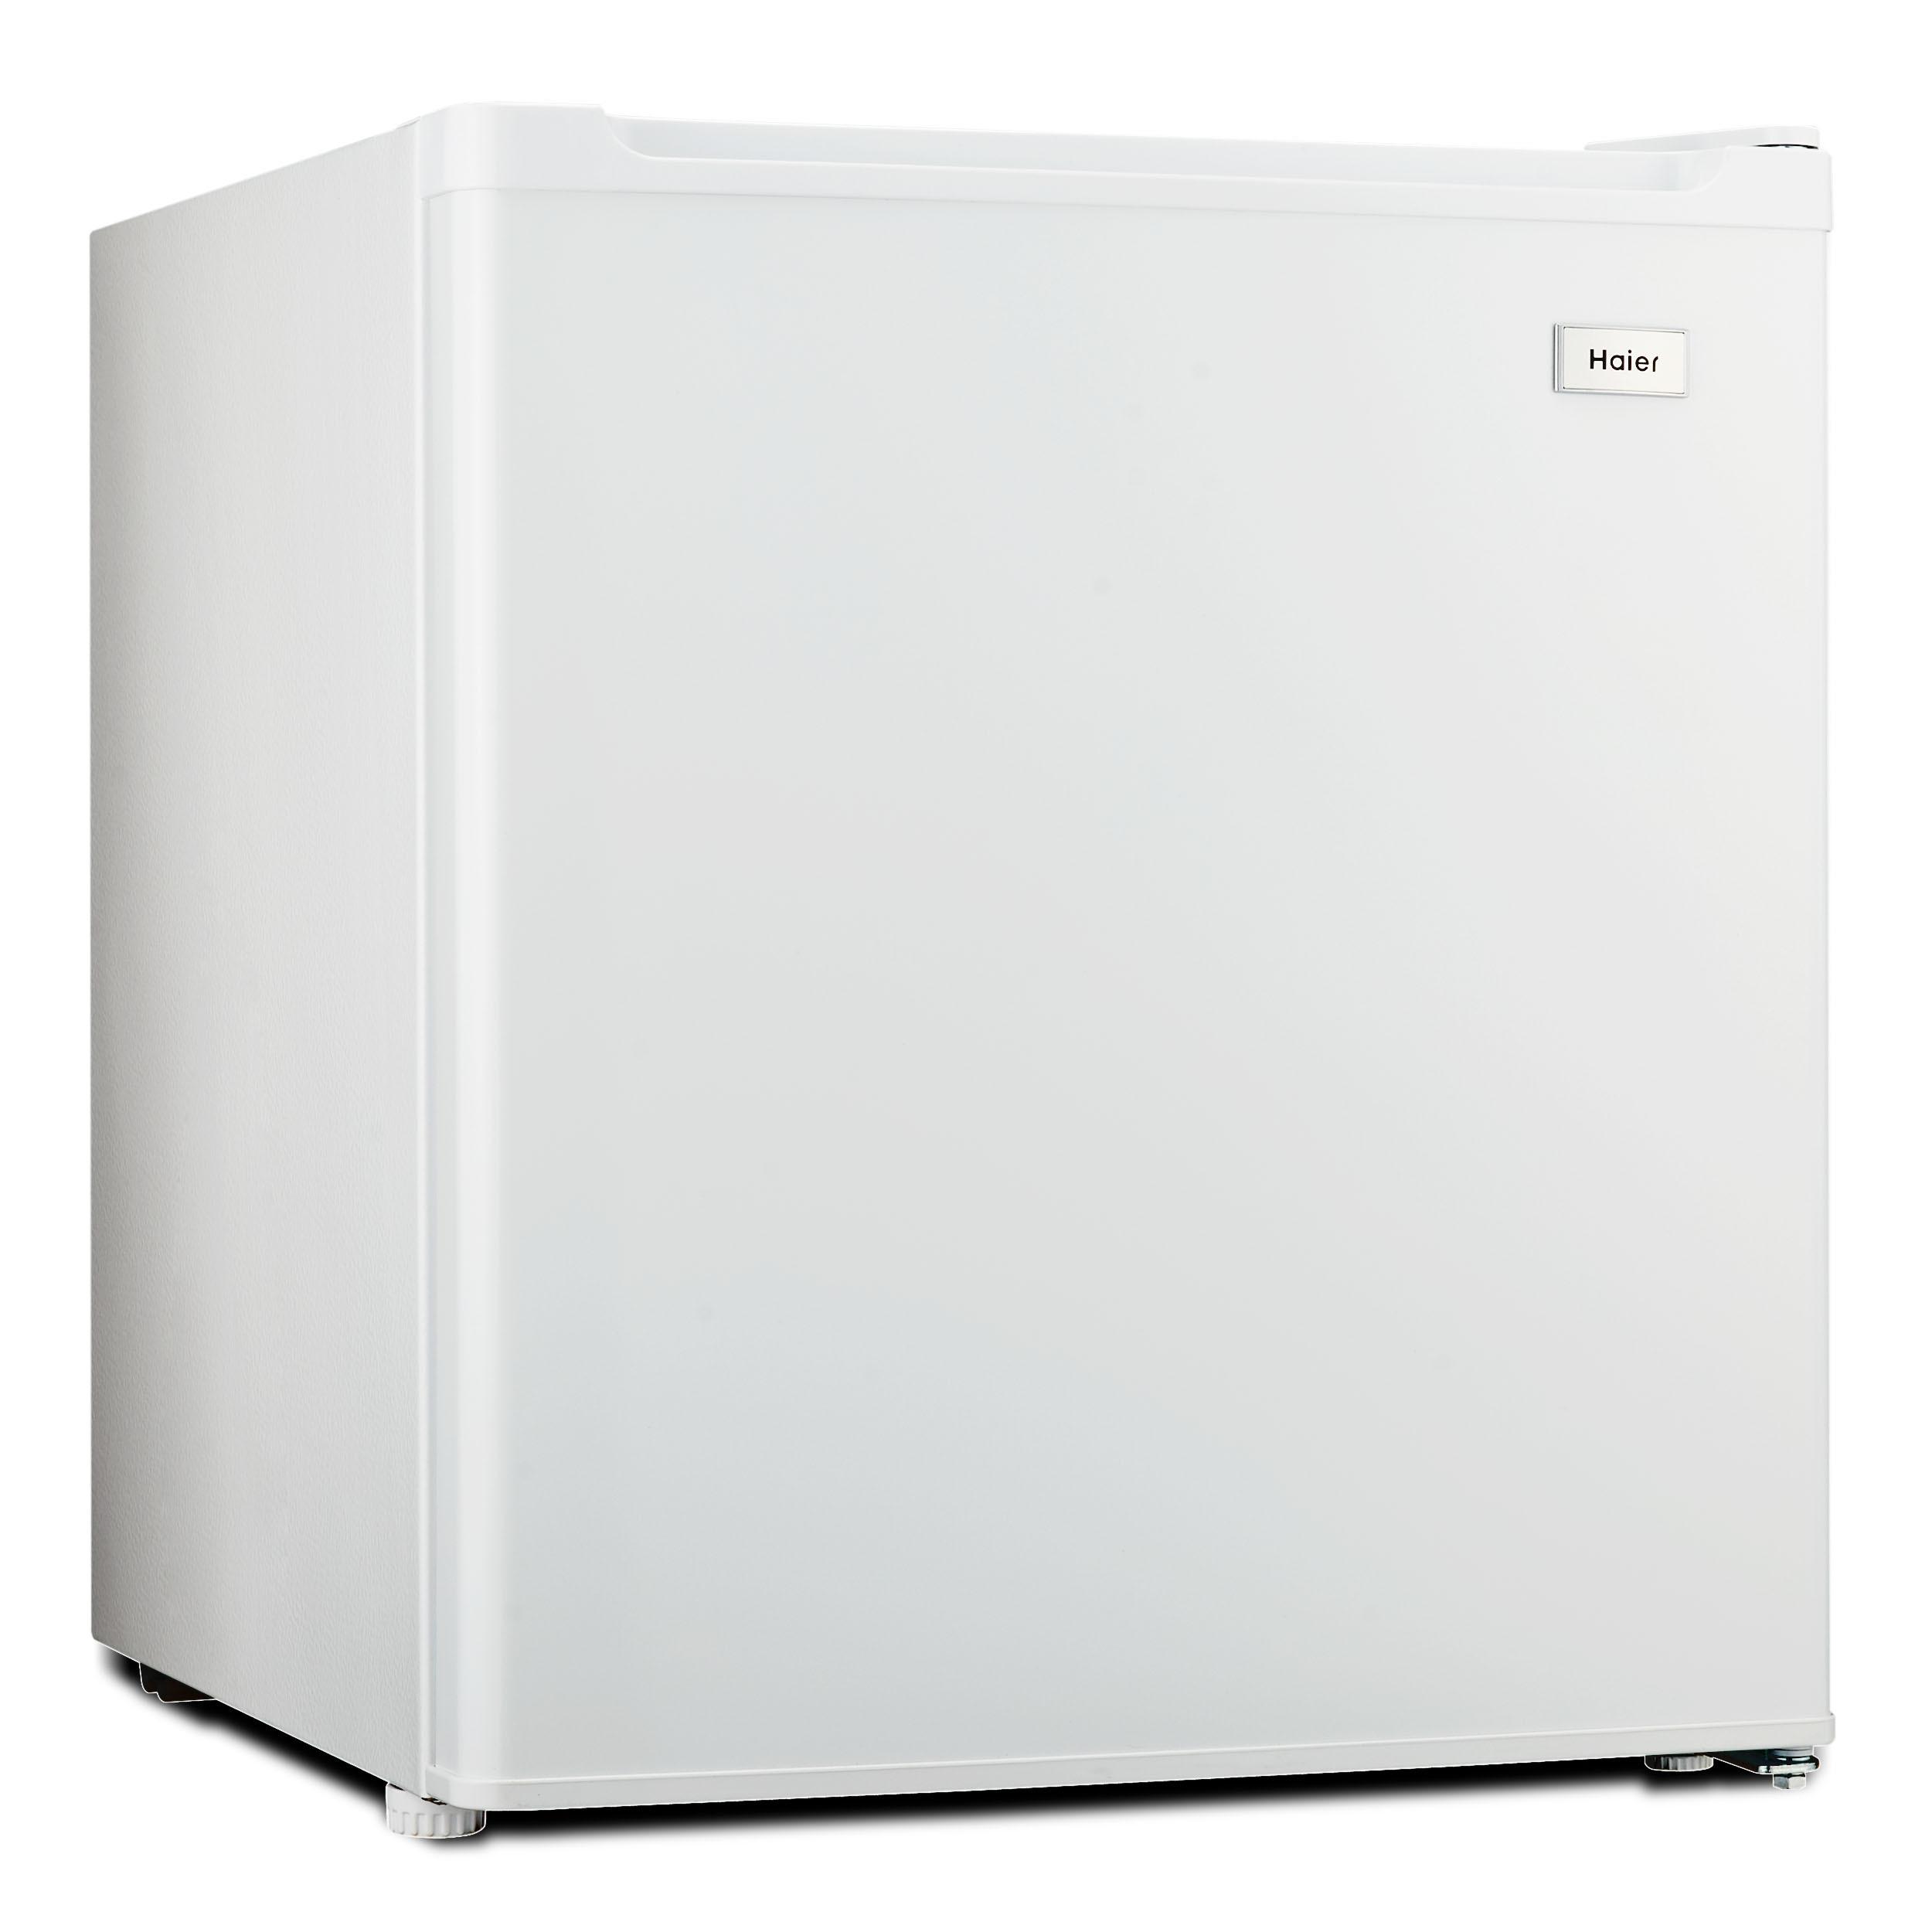 하이얼 1등급 소형미니냉장고 46L 자가설치, HRT48MDW(화이트)